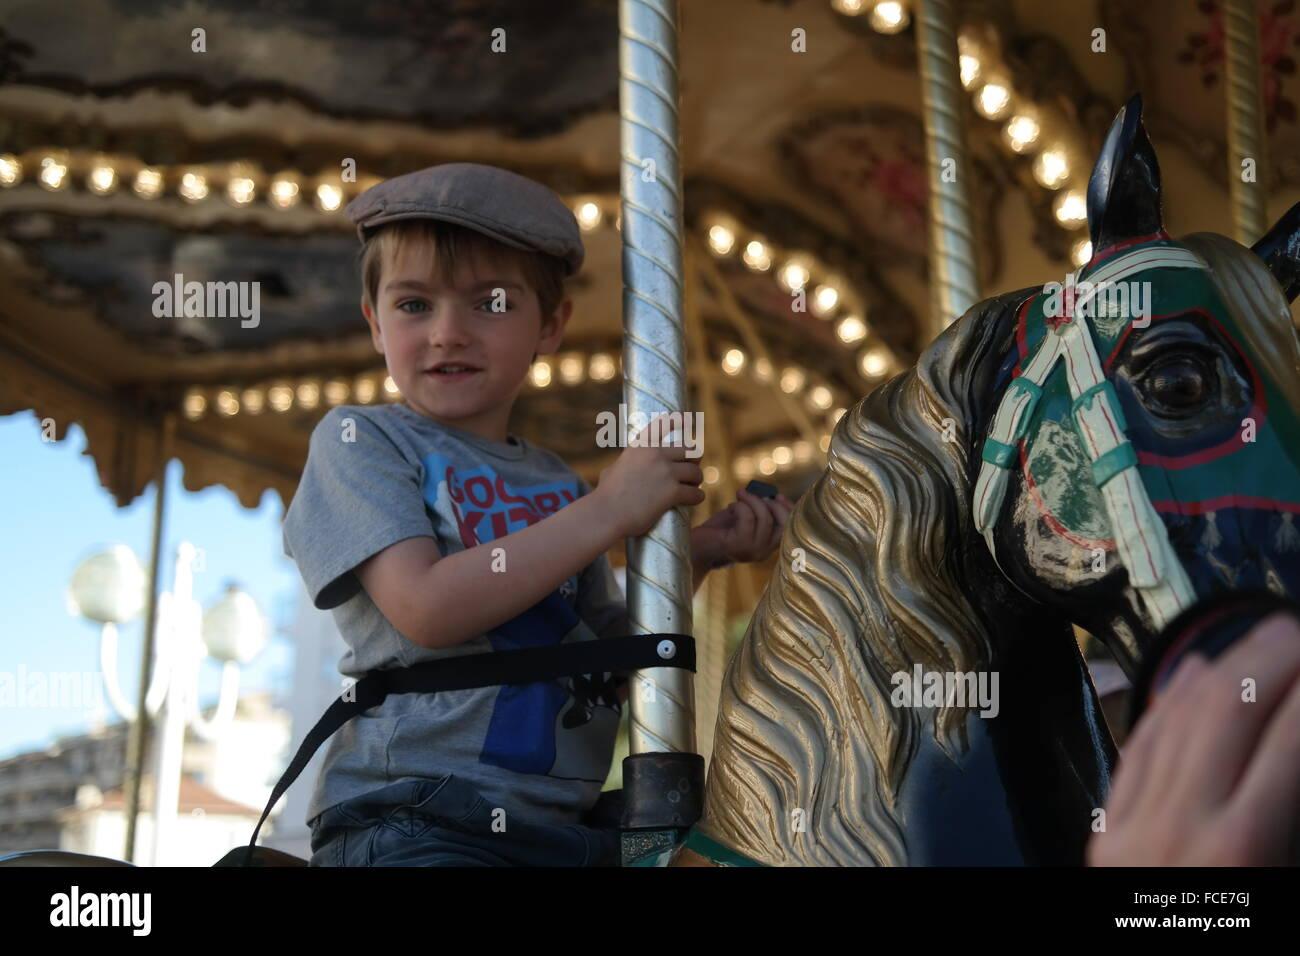 658df841d Boy Enjoying A Carousel Ride Stock Photos & Boy Enjoying A Carousel ...